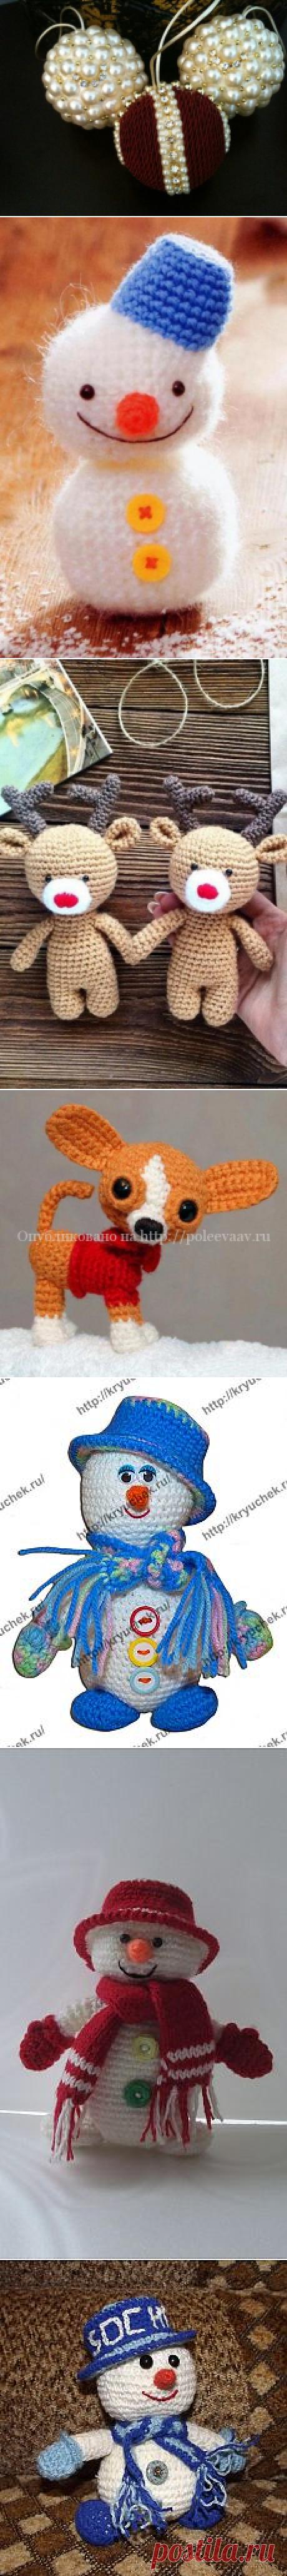 Поиск на Постиле: новогодние игрушки крючком